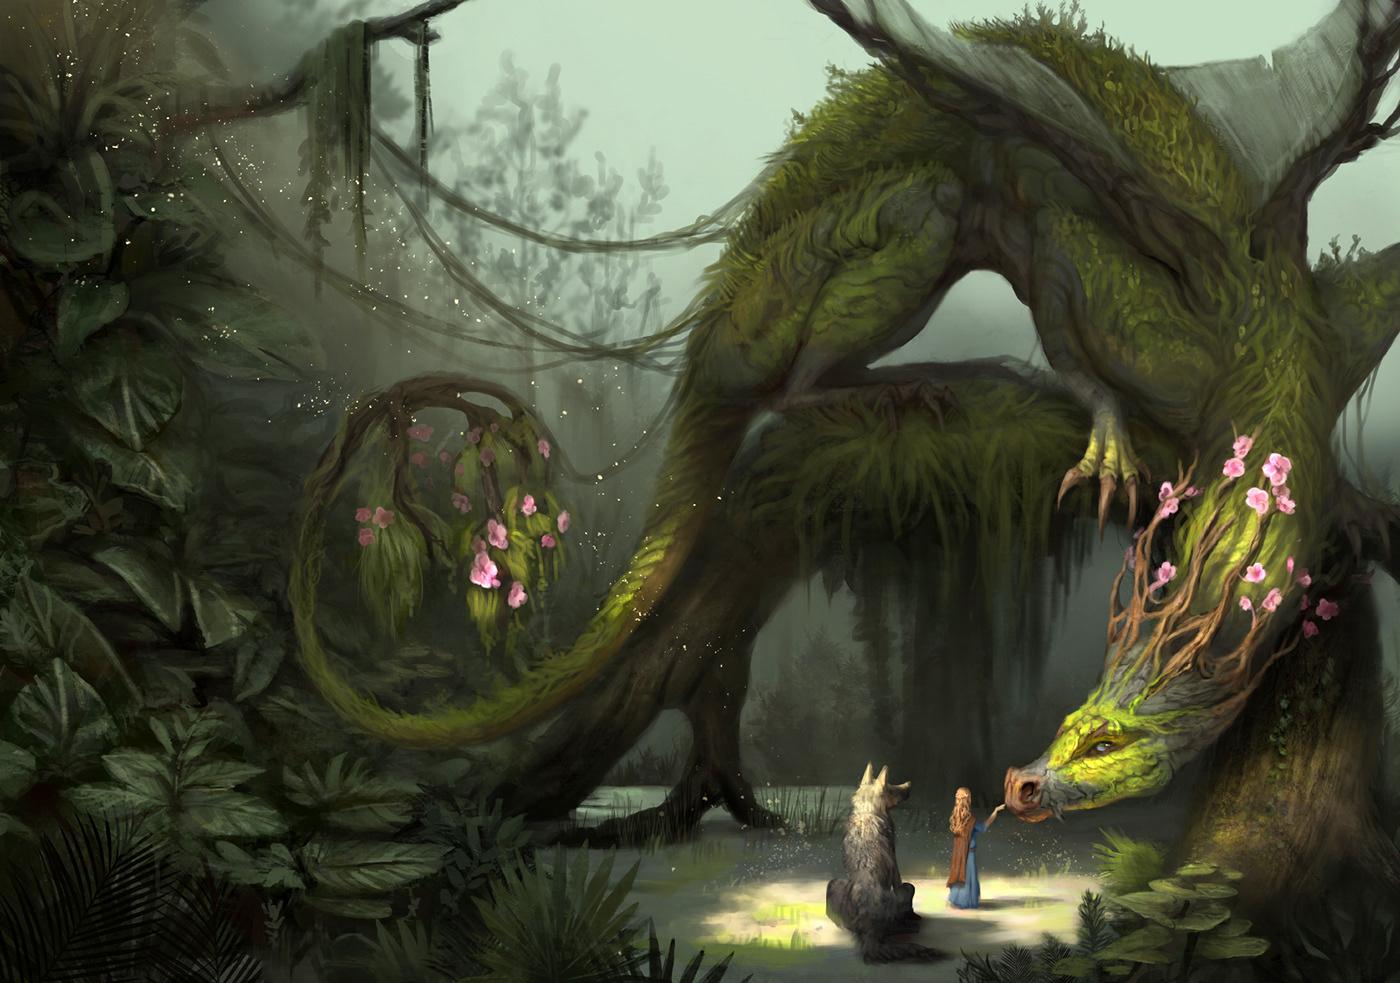 Image may contain: tree, screenshot and cartoon